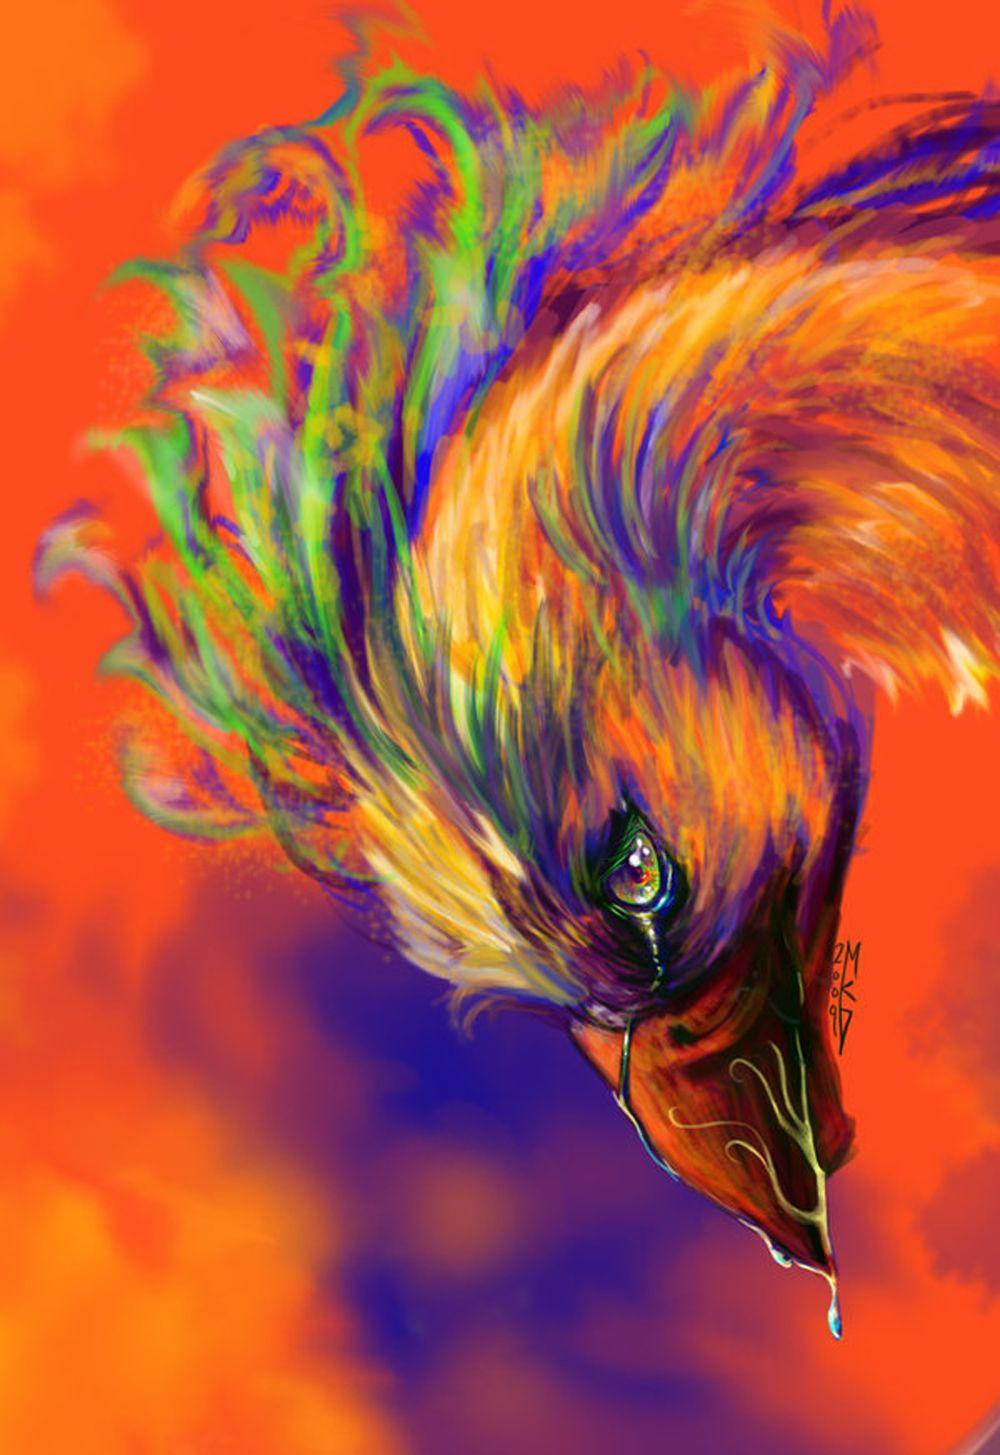 realism tattoo artist phoenix